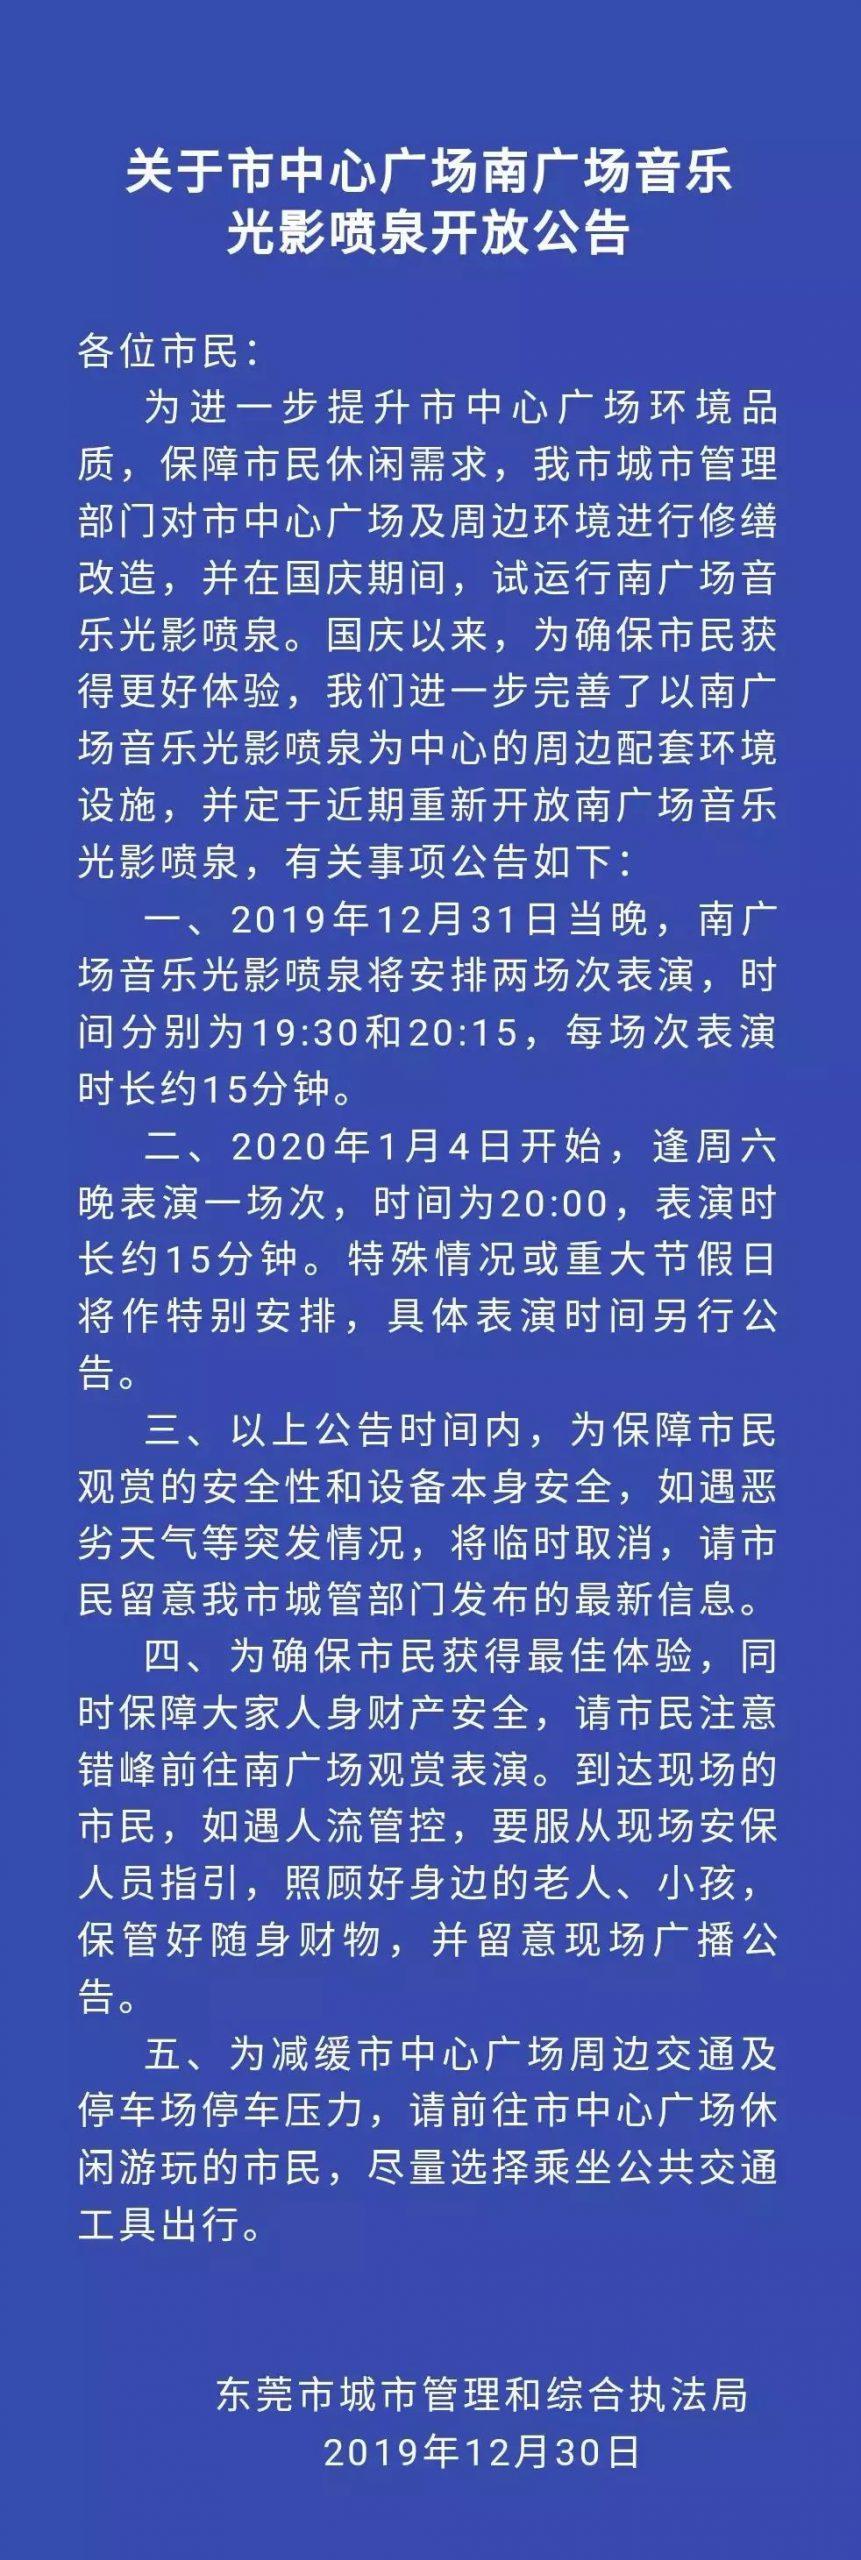 速看!东莞市中心广场南广场音乐光影喷泉明晚开放!